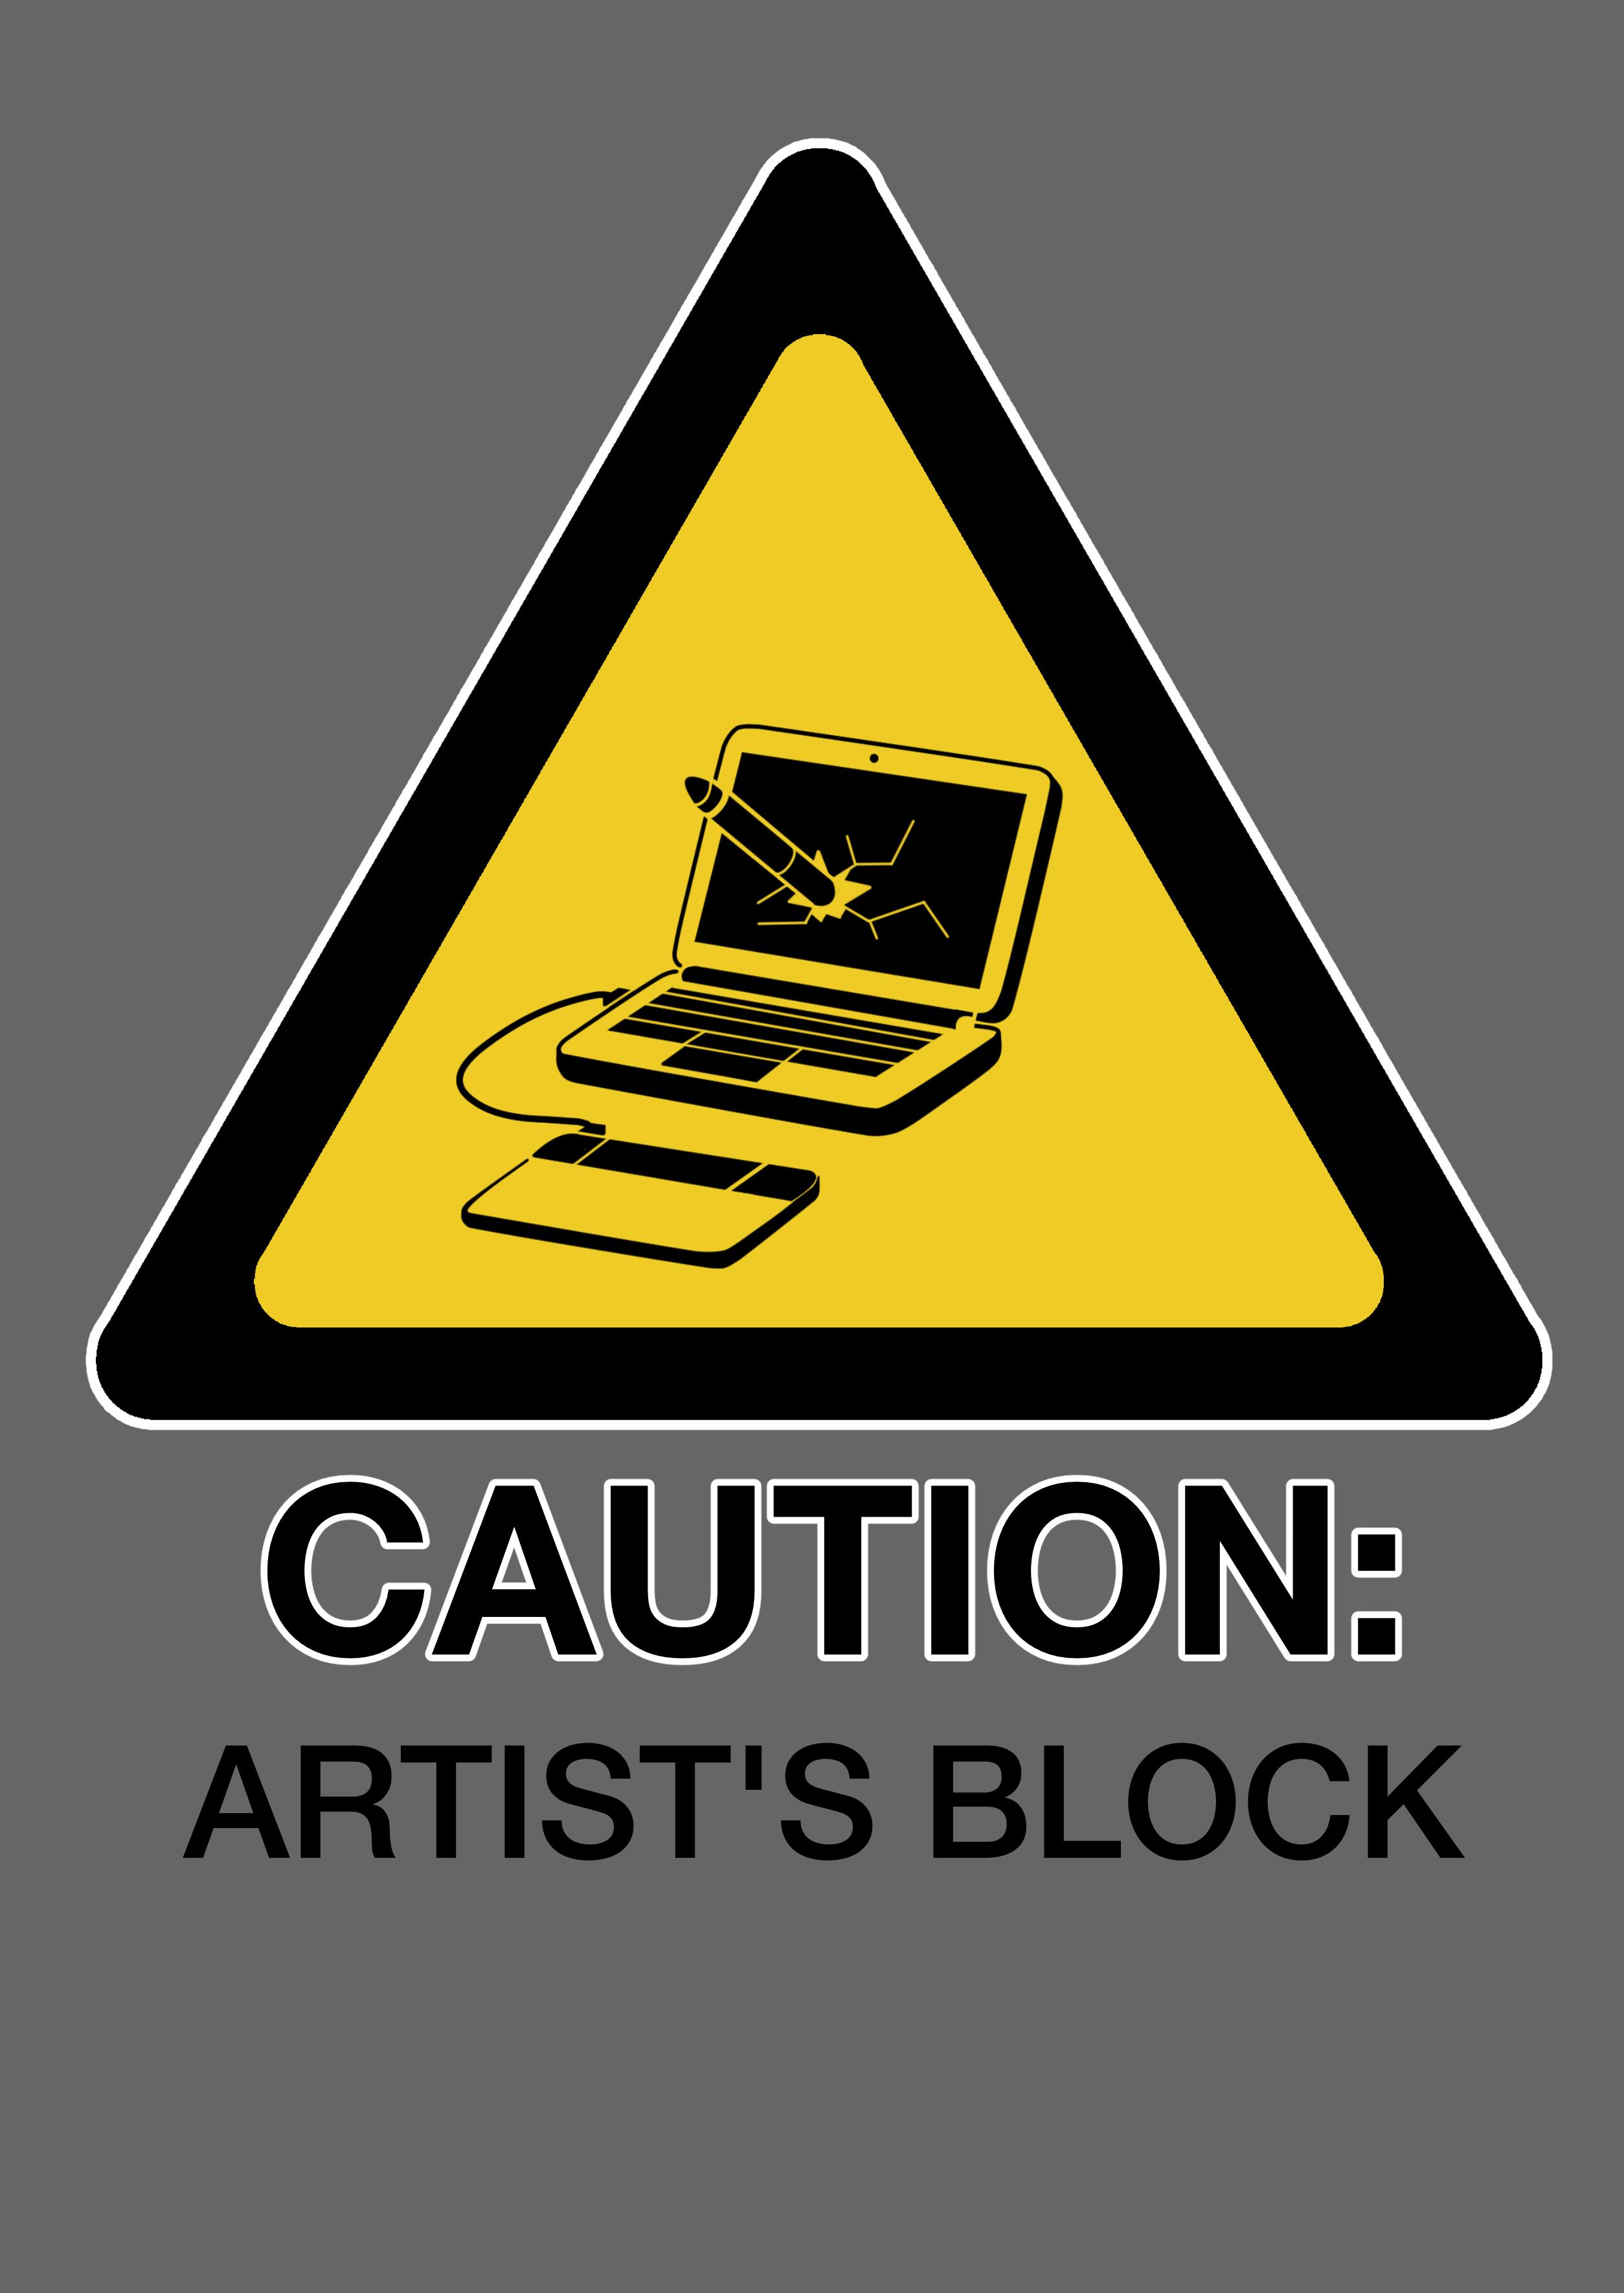 Jazza T-Shirt Design 3: Artist's Block